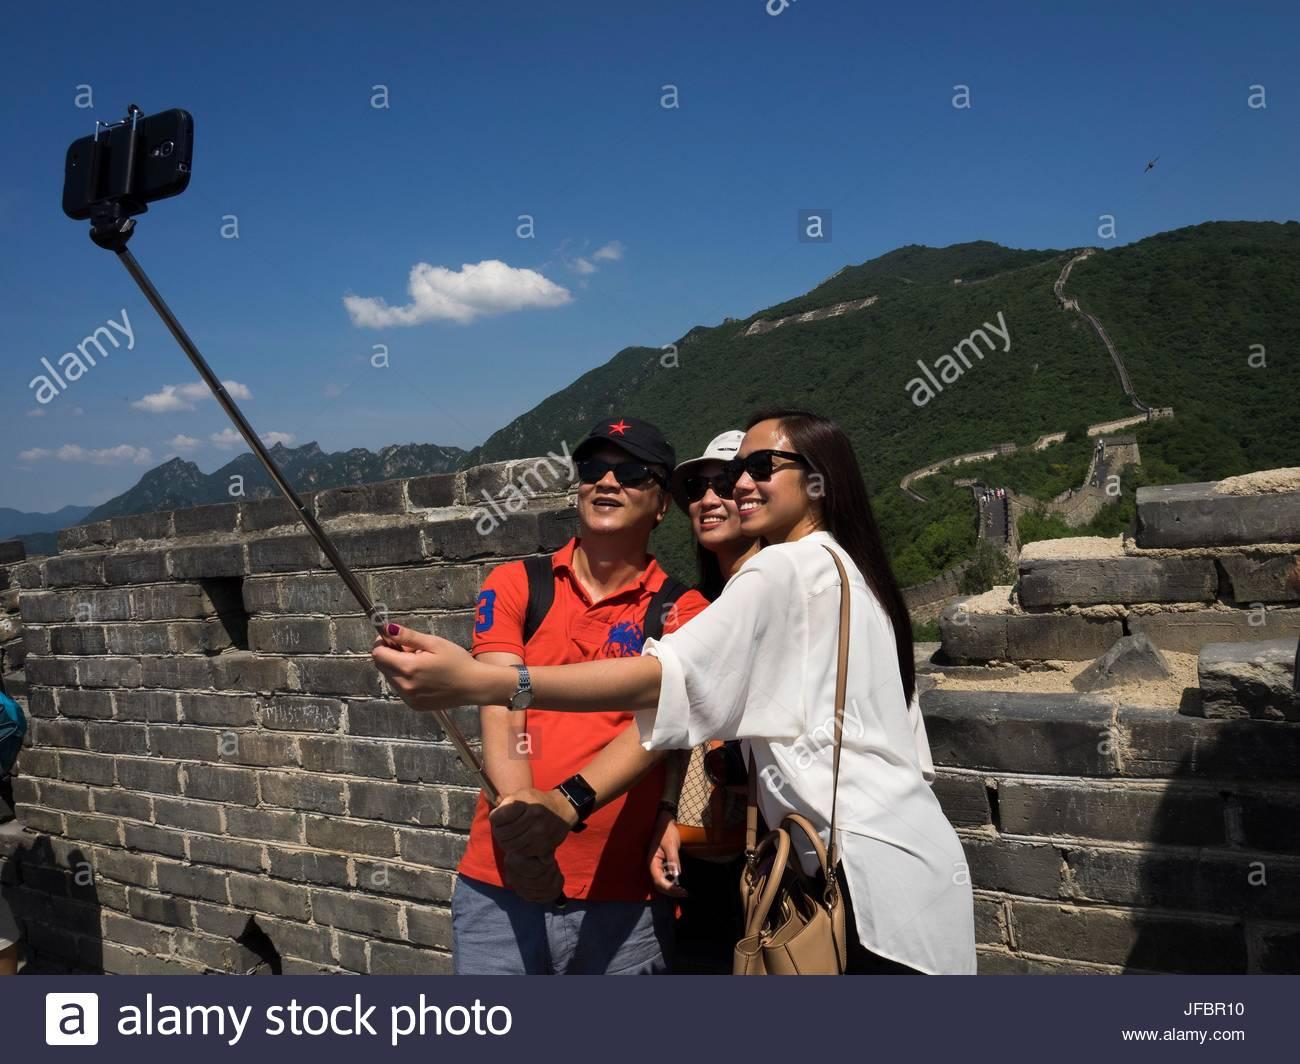 Gli adolescenti di sparare un selfie presso la Grande Muraglia della Cina, utilizzando un telefono cellulare. Immagini Stock